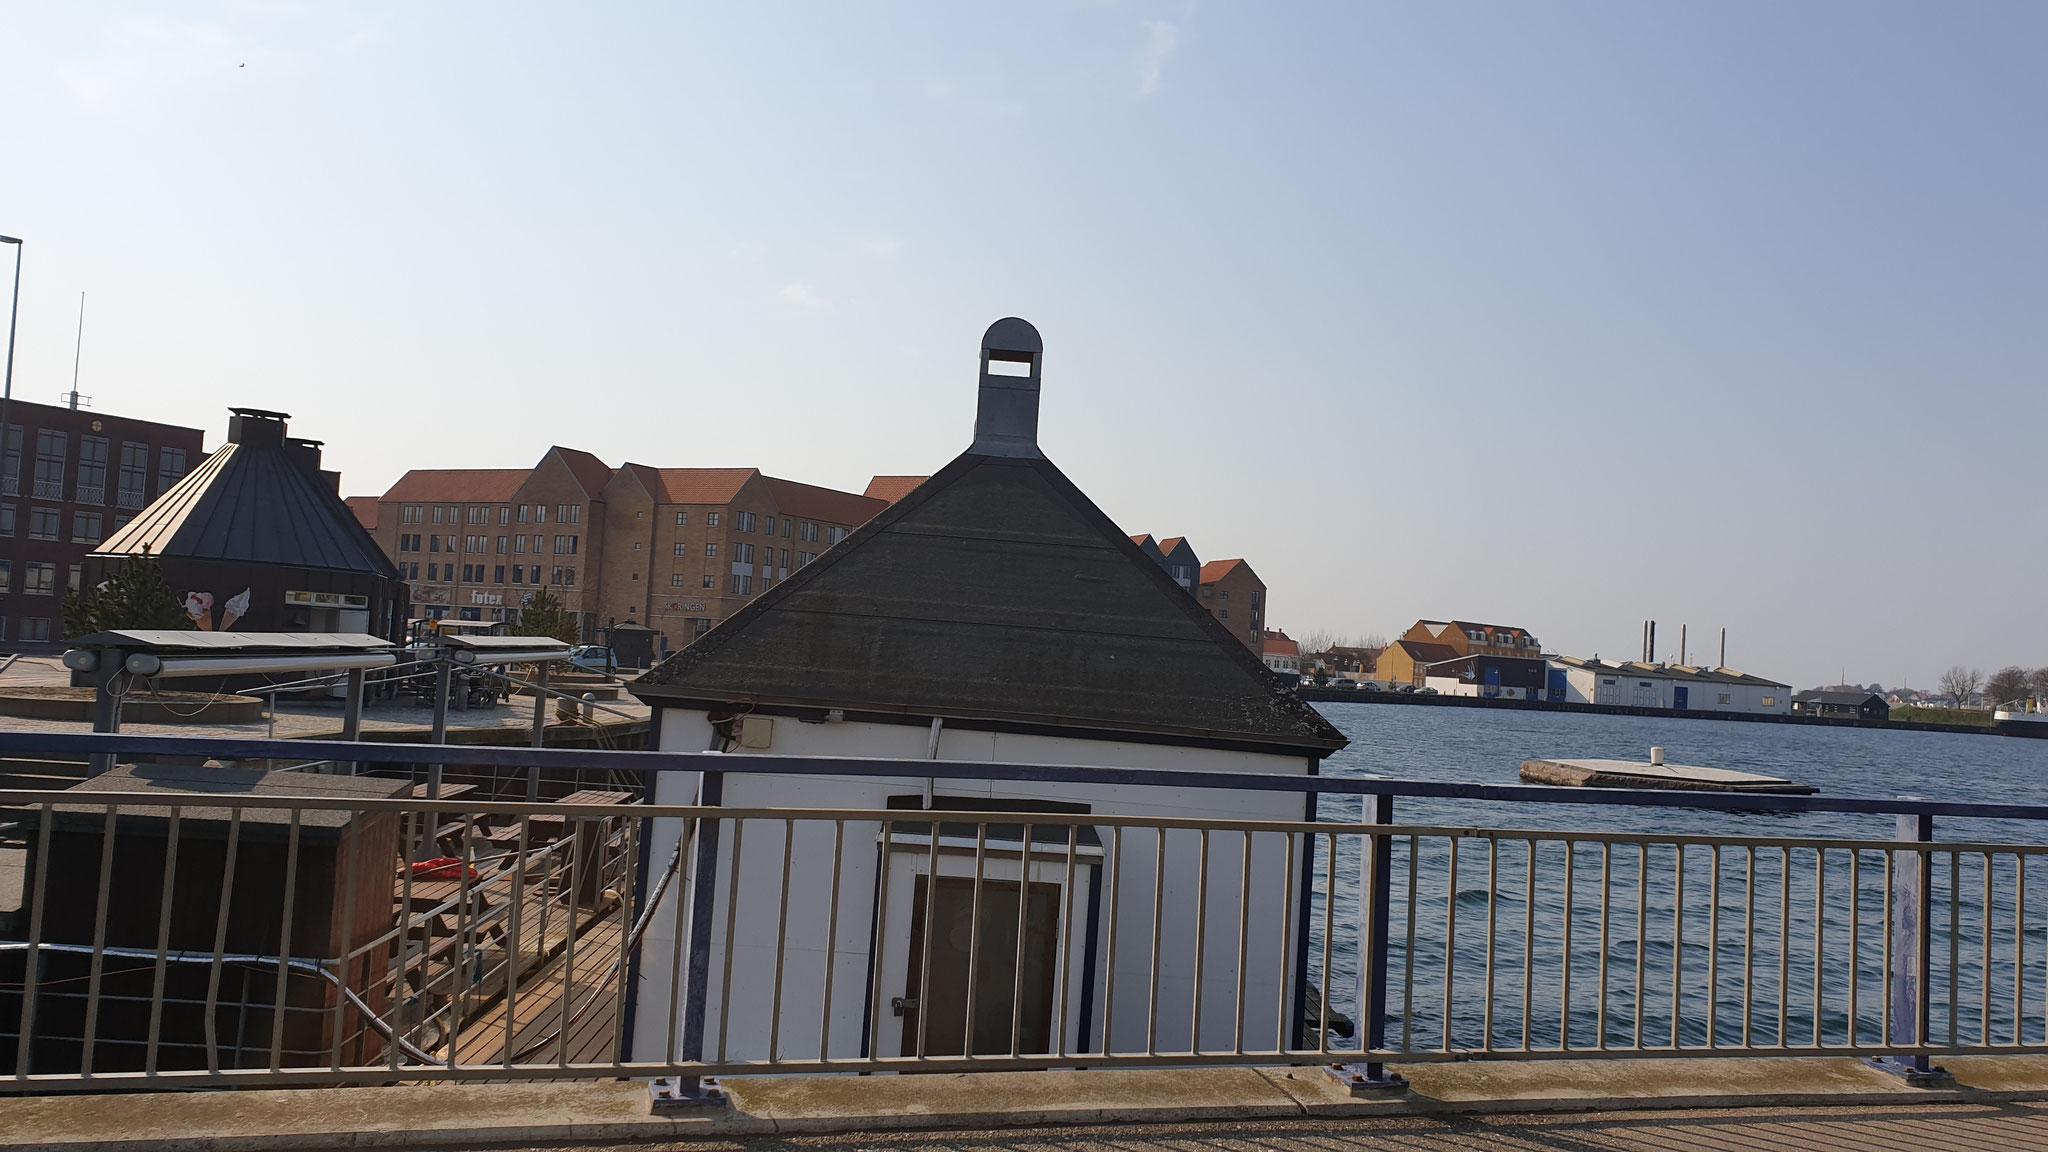 ...Richtung Marine-Hafen